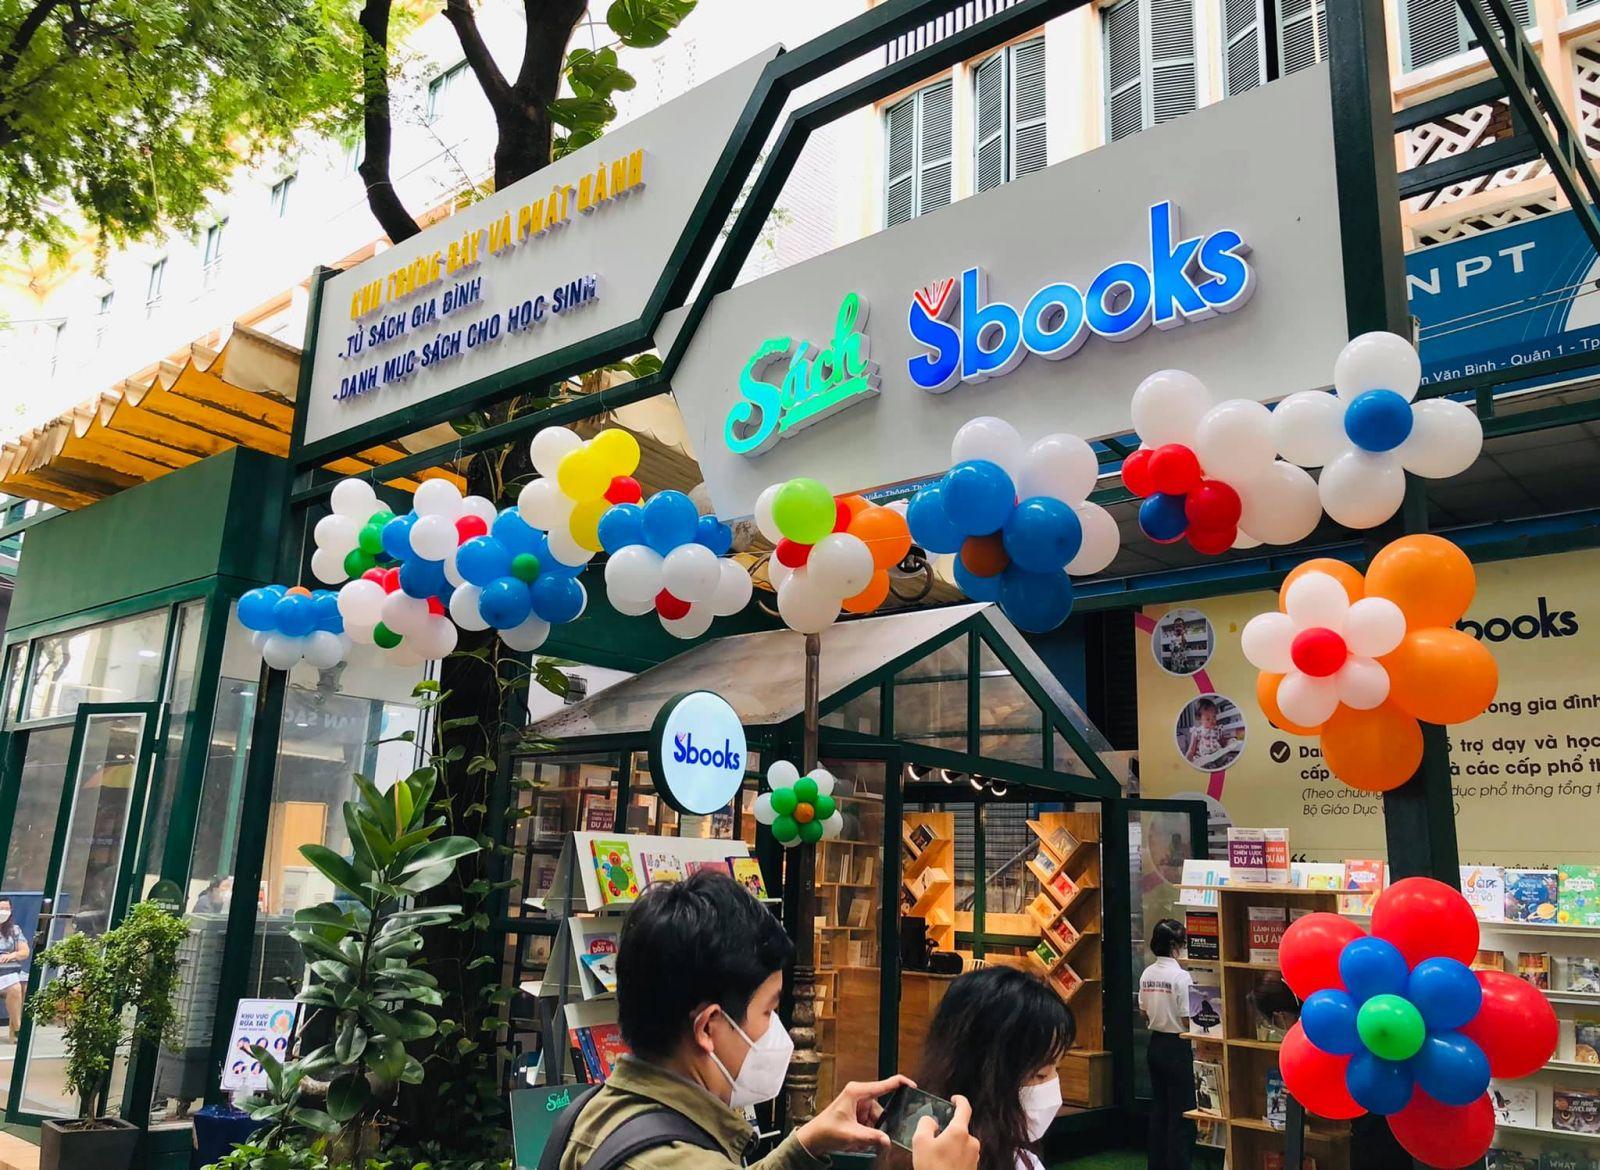 Khai trương khu trưng bày tủ sách Gia Đình và Danh mục sách cho học Sinh ở Đường Sách